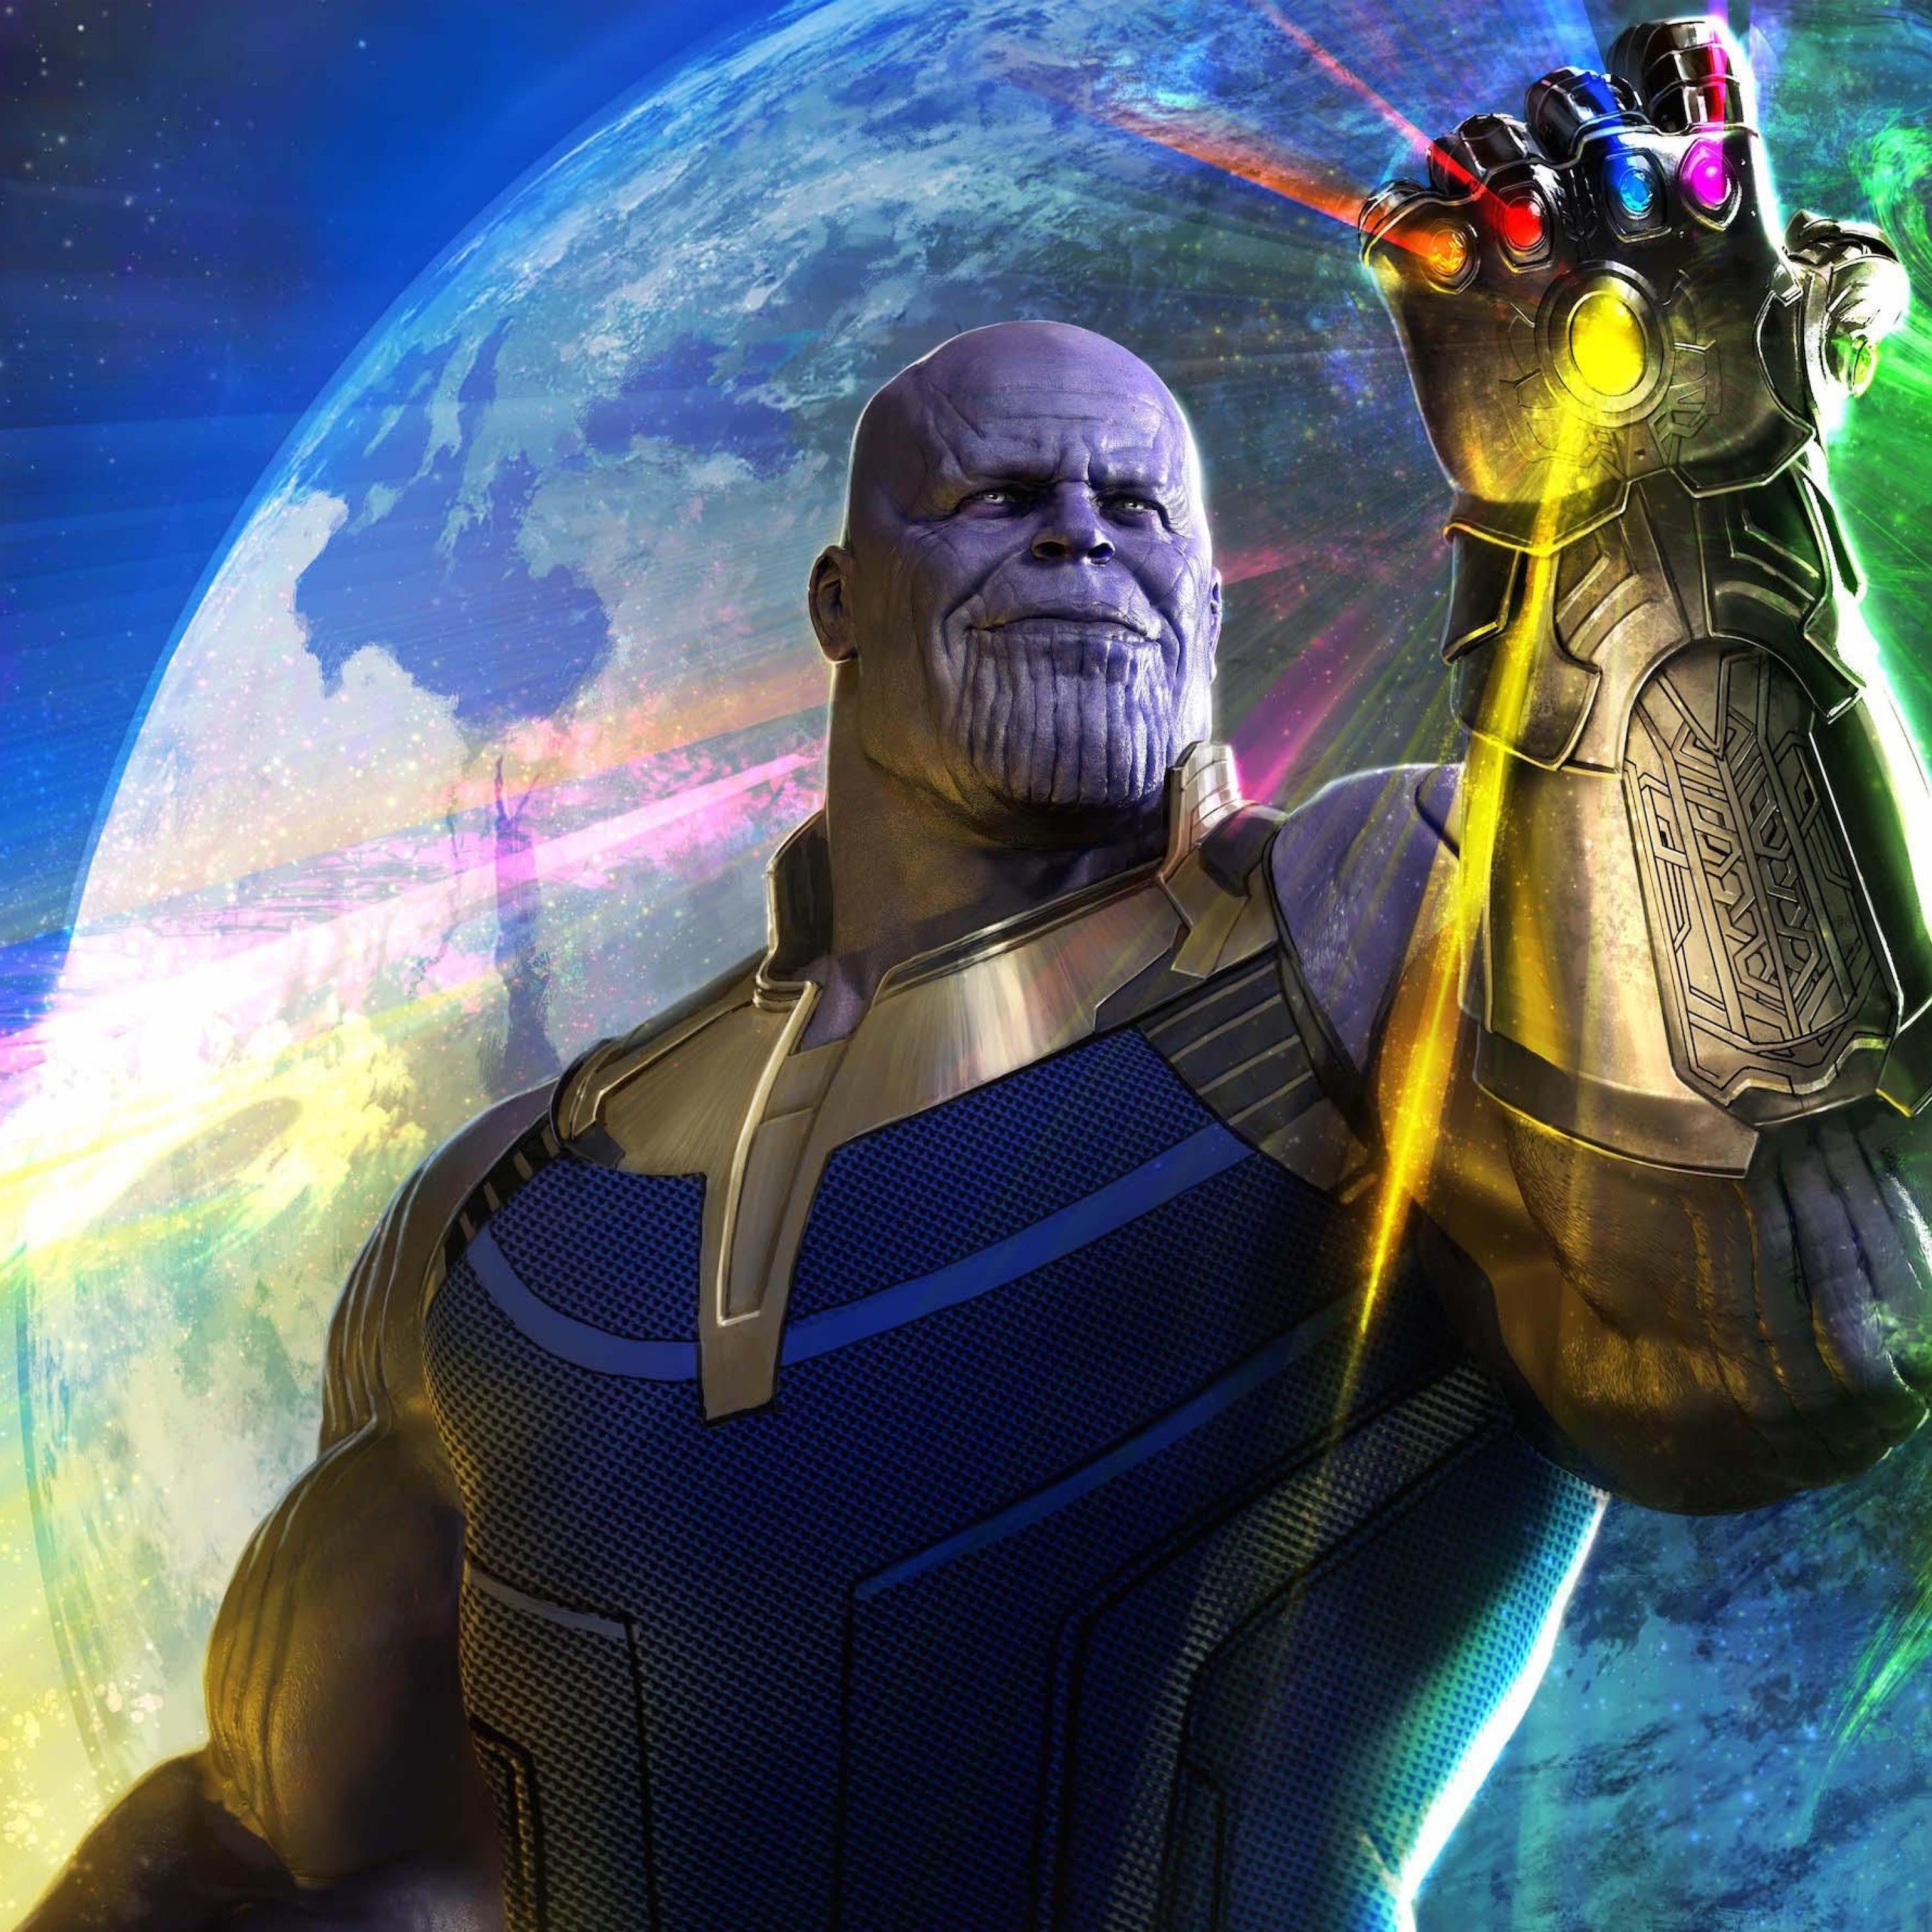 Tesla Model S 4k Hd Desktop Wallpaper For 4k Ultra Hd Tv: Download Thanos In Avengers Infinity War 2932x2932